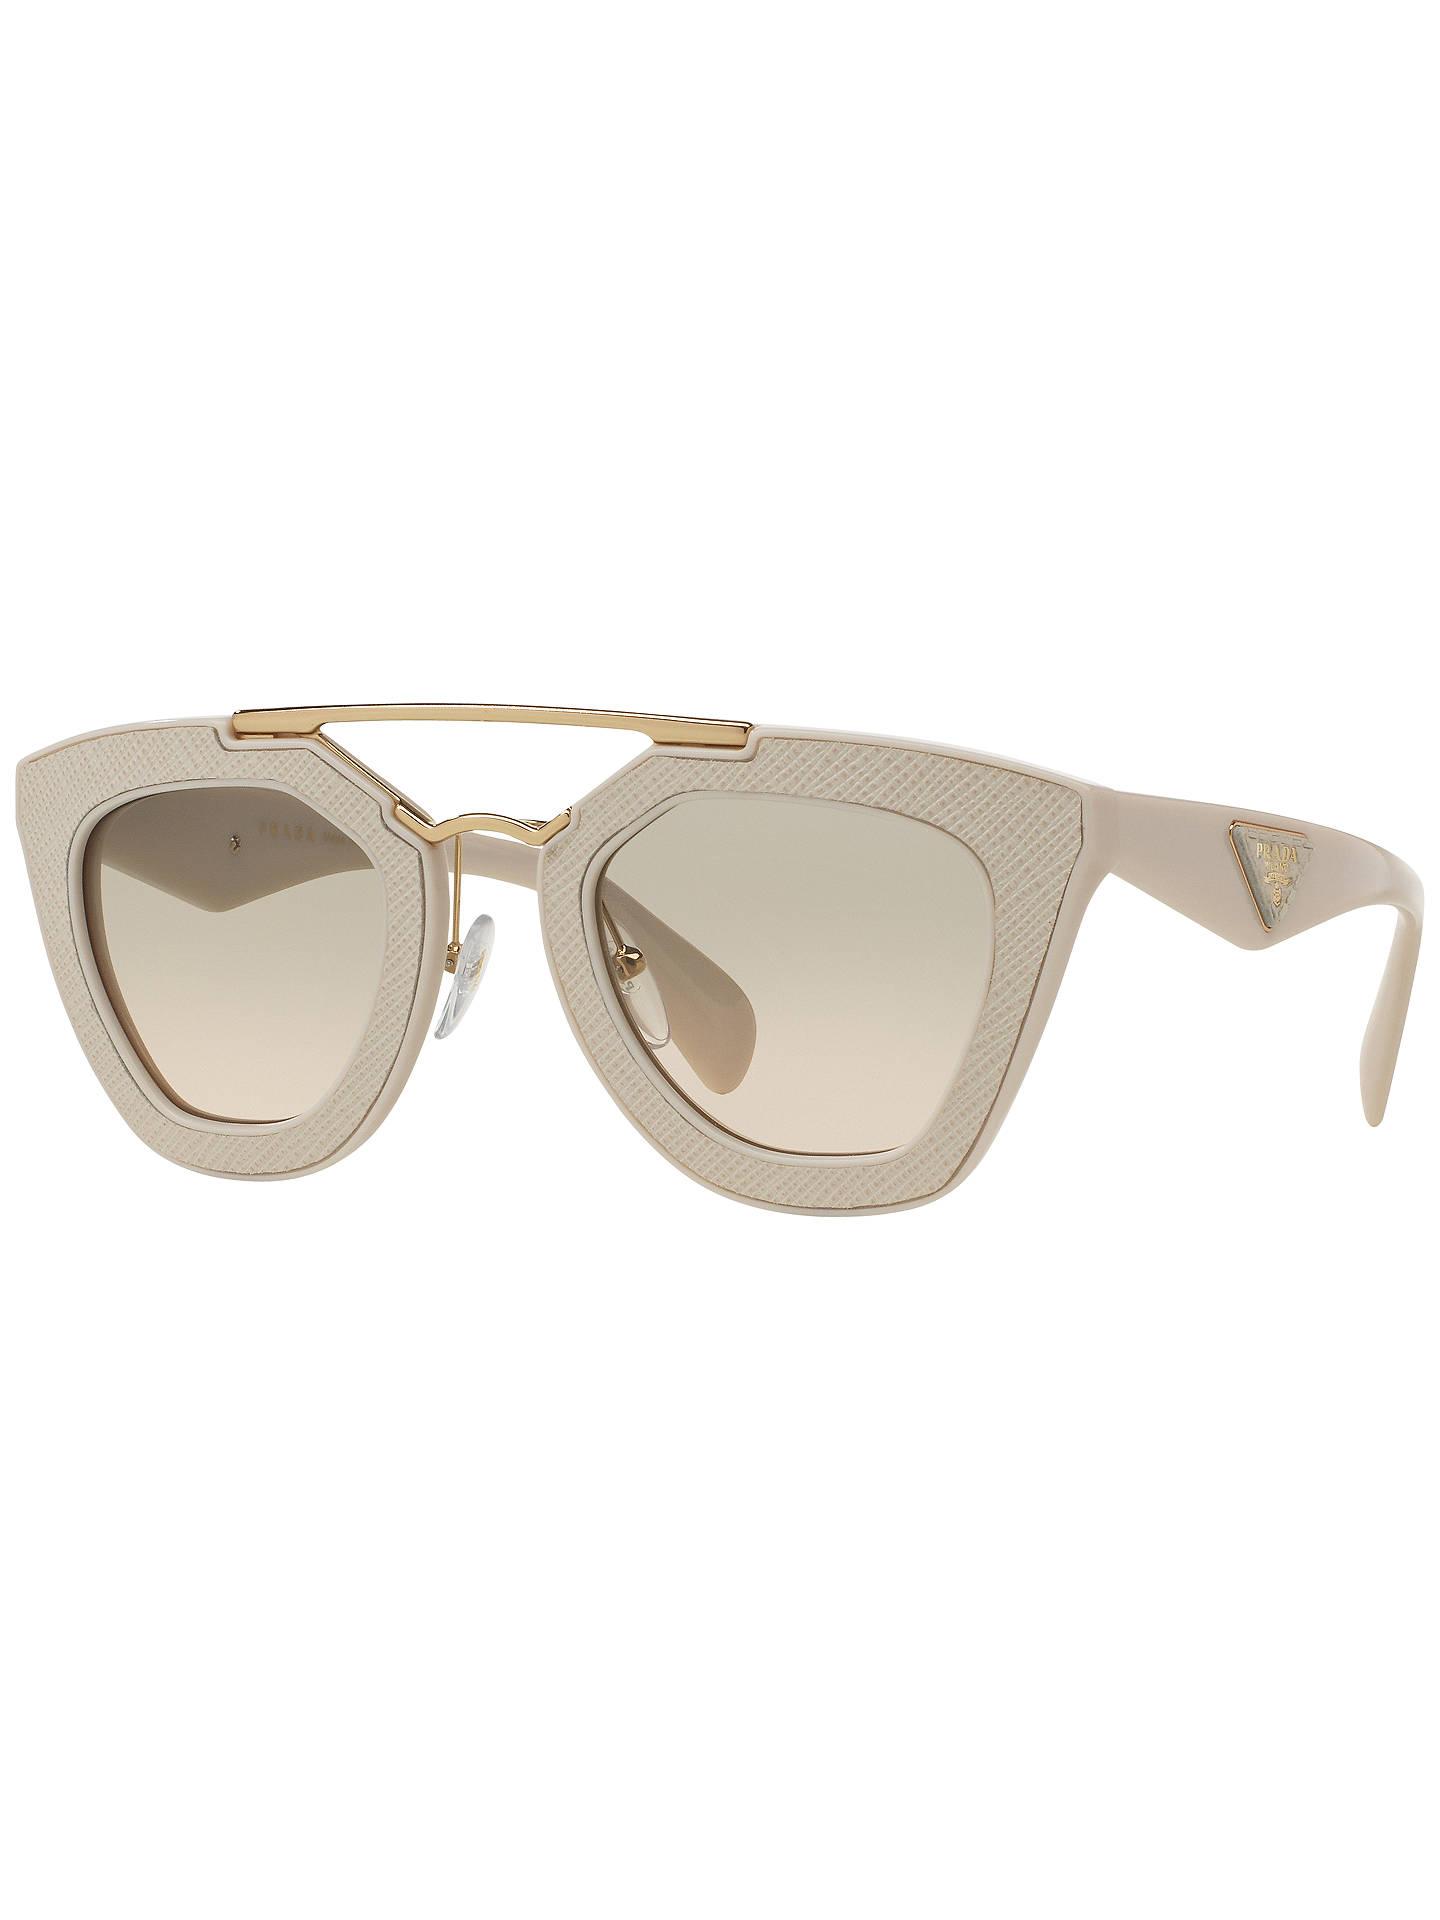 3e119af0e449 ... best buyprada pr14ss ornate textured d frame gradient sunglasses beige  online at johnlewis 2ec44 66549